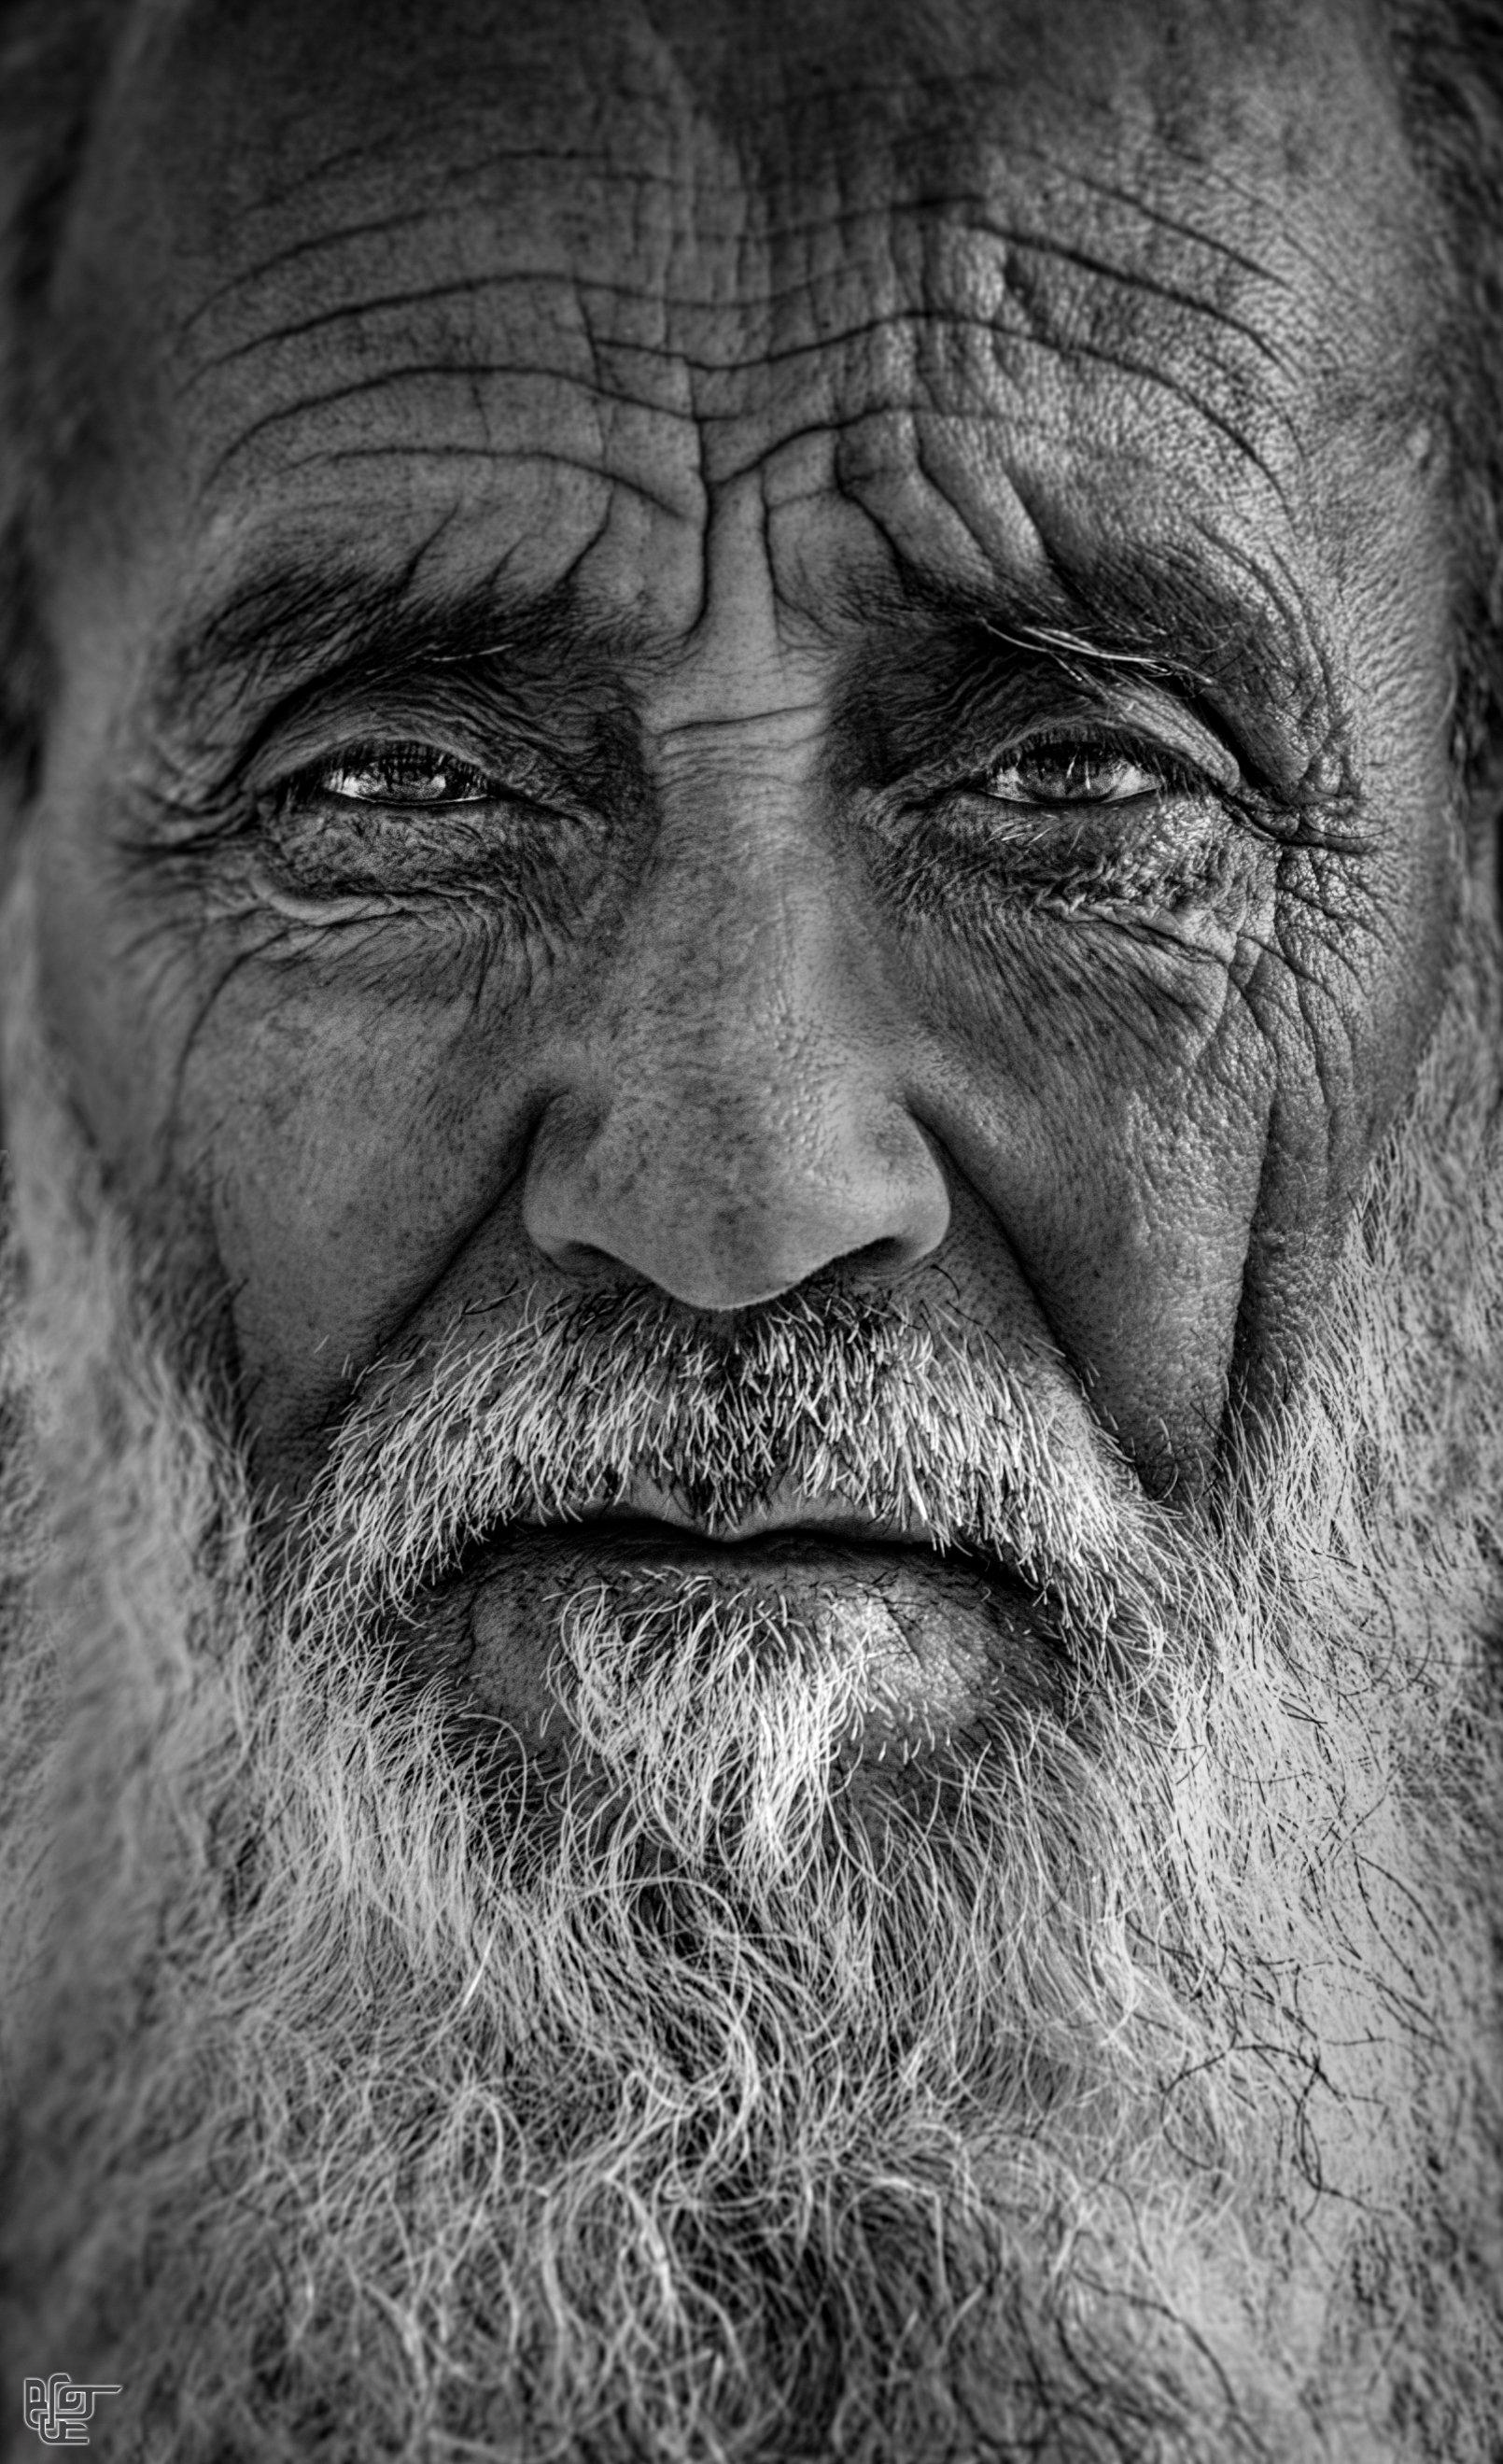 #portrait, Ali Sabih Kadhim